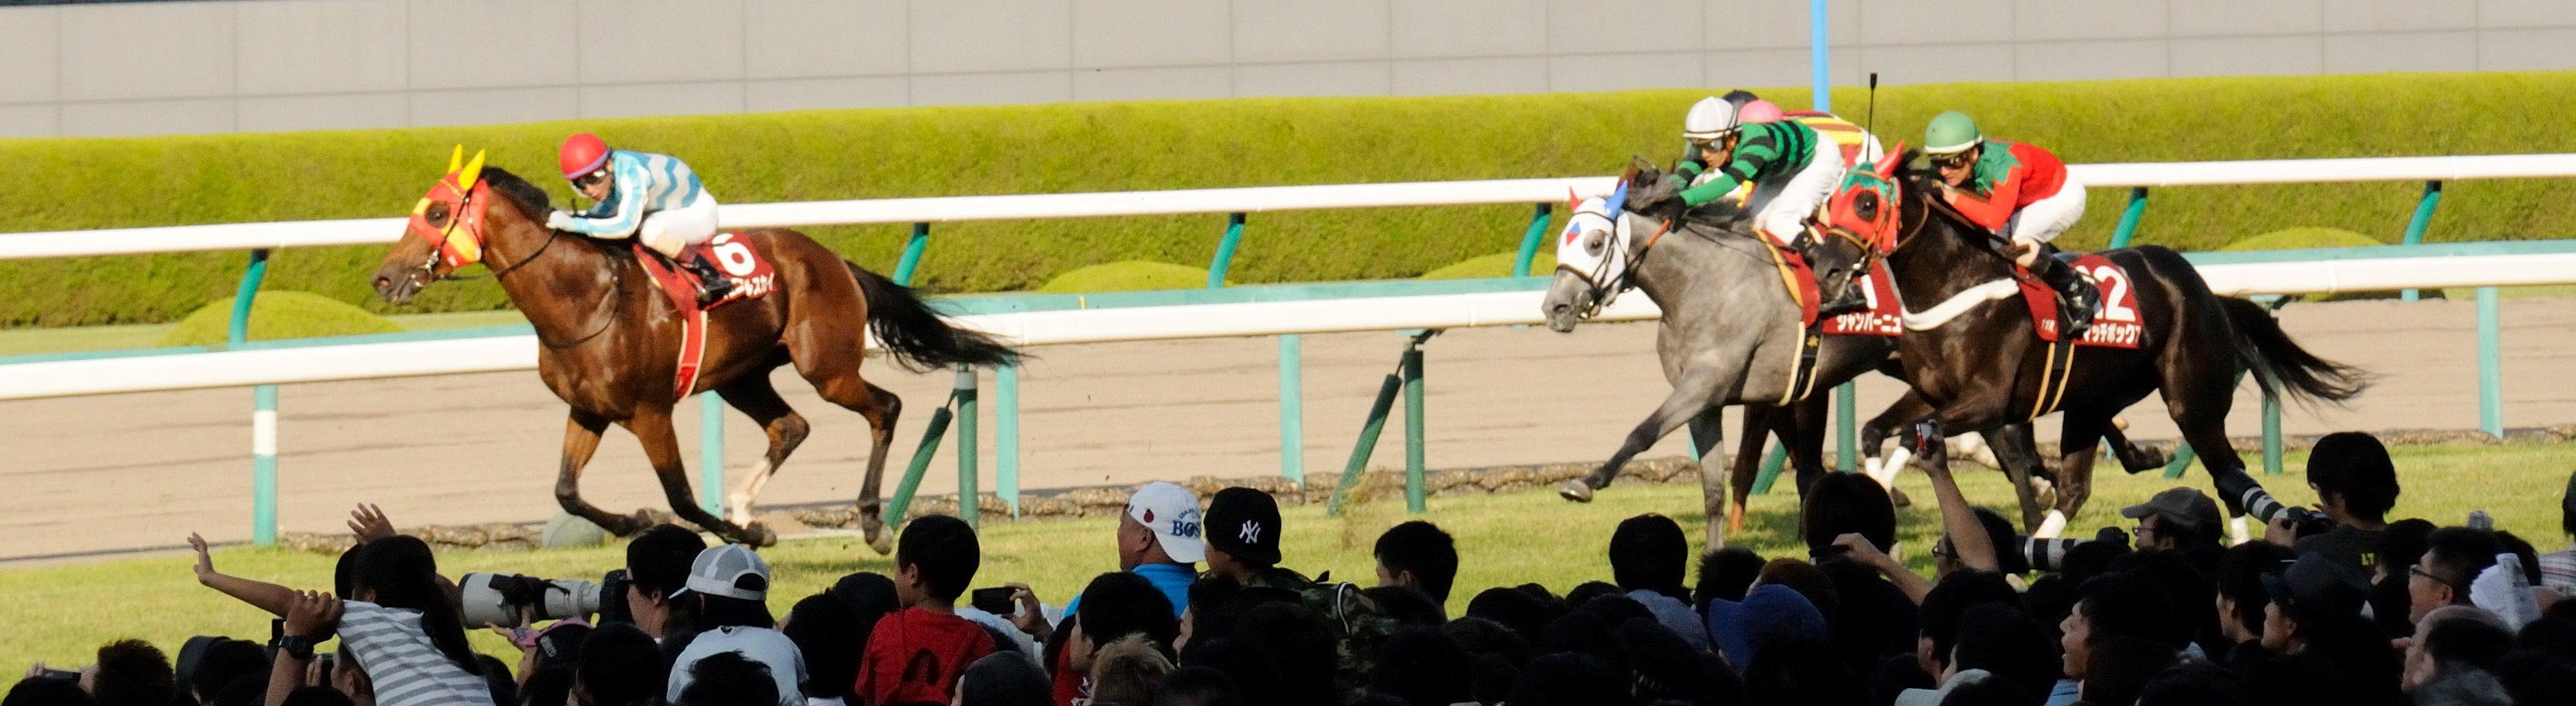 阪神競馬場は近くて好いのだが駐車場が少ない<笑い>_f0053218_222818.jpg